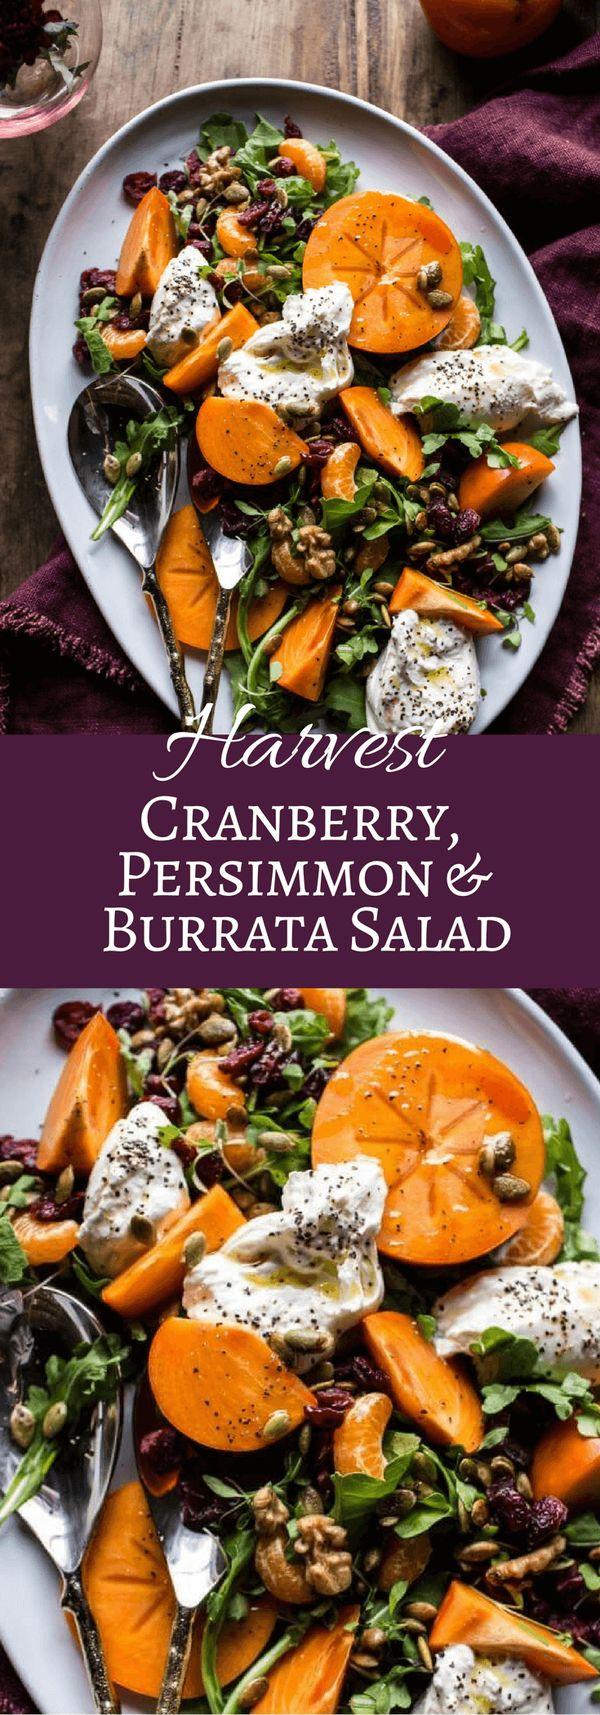 Harvest Cranberry, Persimmon and Burrata Salad